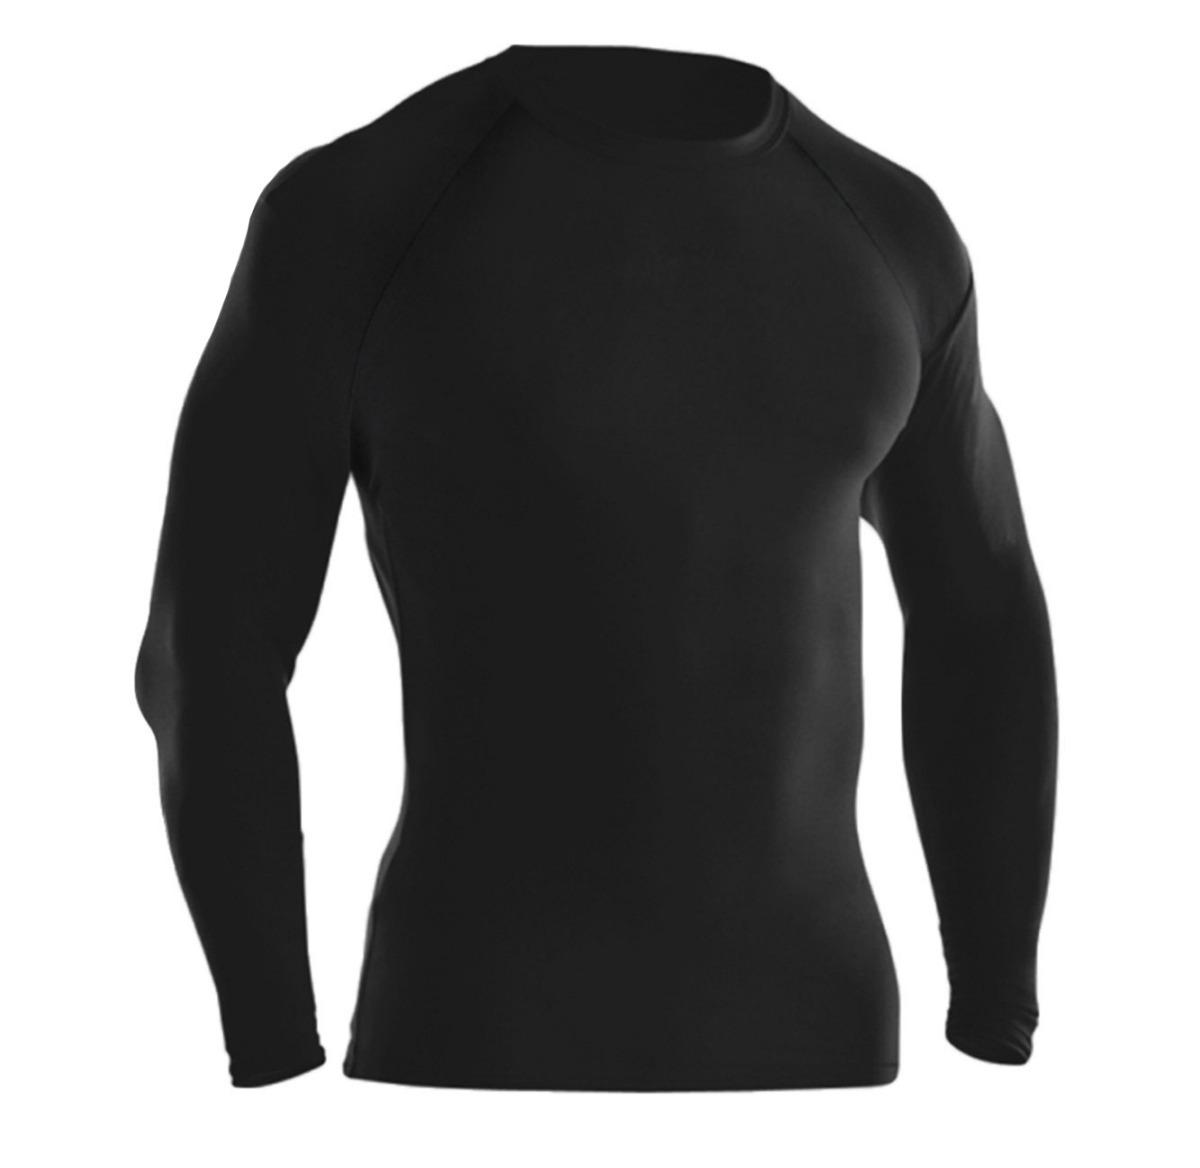 dacc0c9d6a Camisa Térmica Segunda Pele Manga Longa Com Proteção Uv - R  37